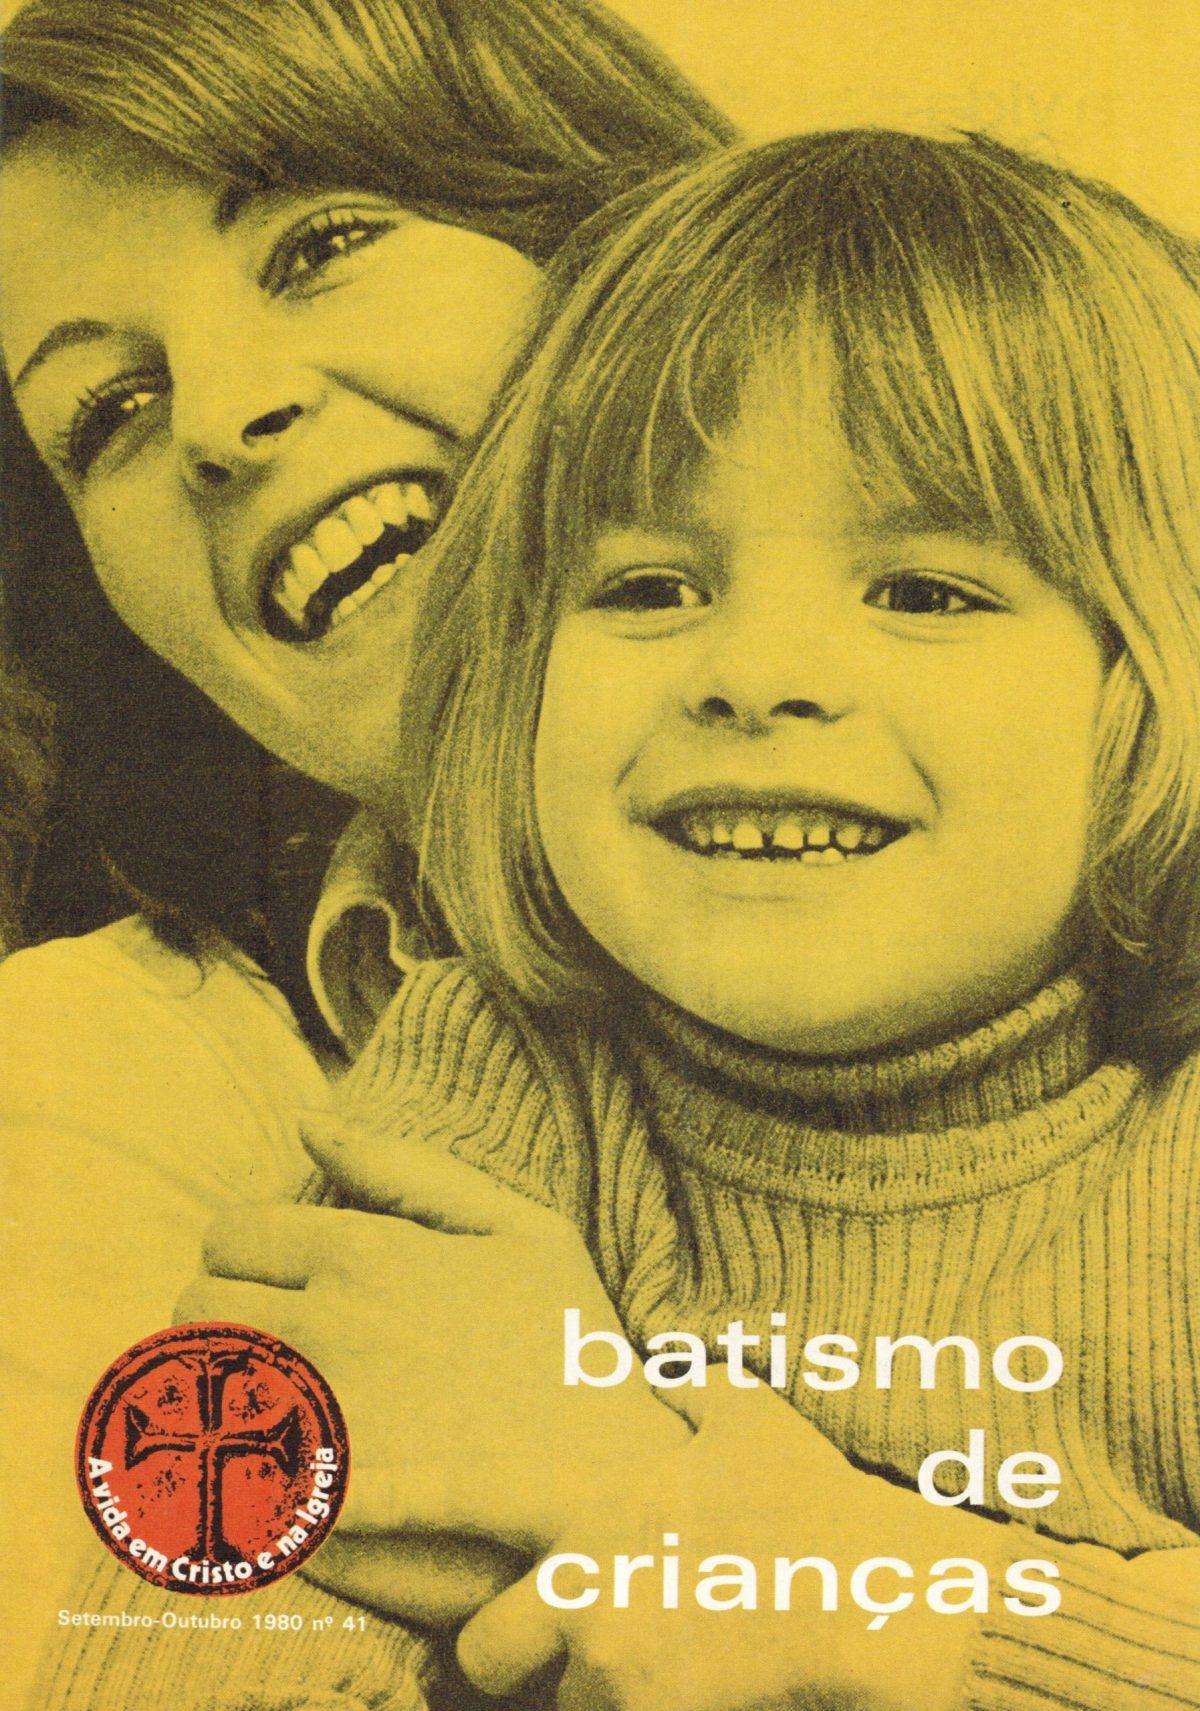 Batismo de Crianças Revista de Liturgia Edição 41